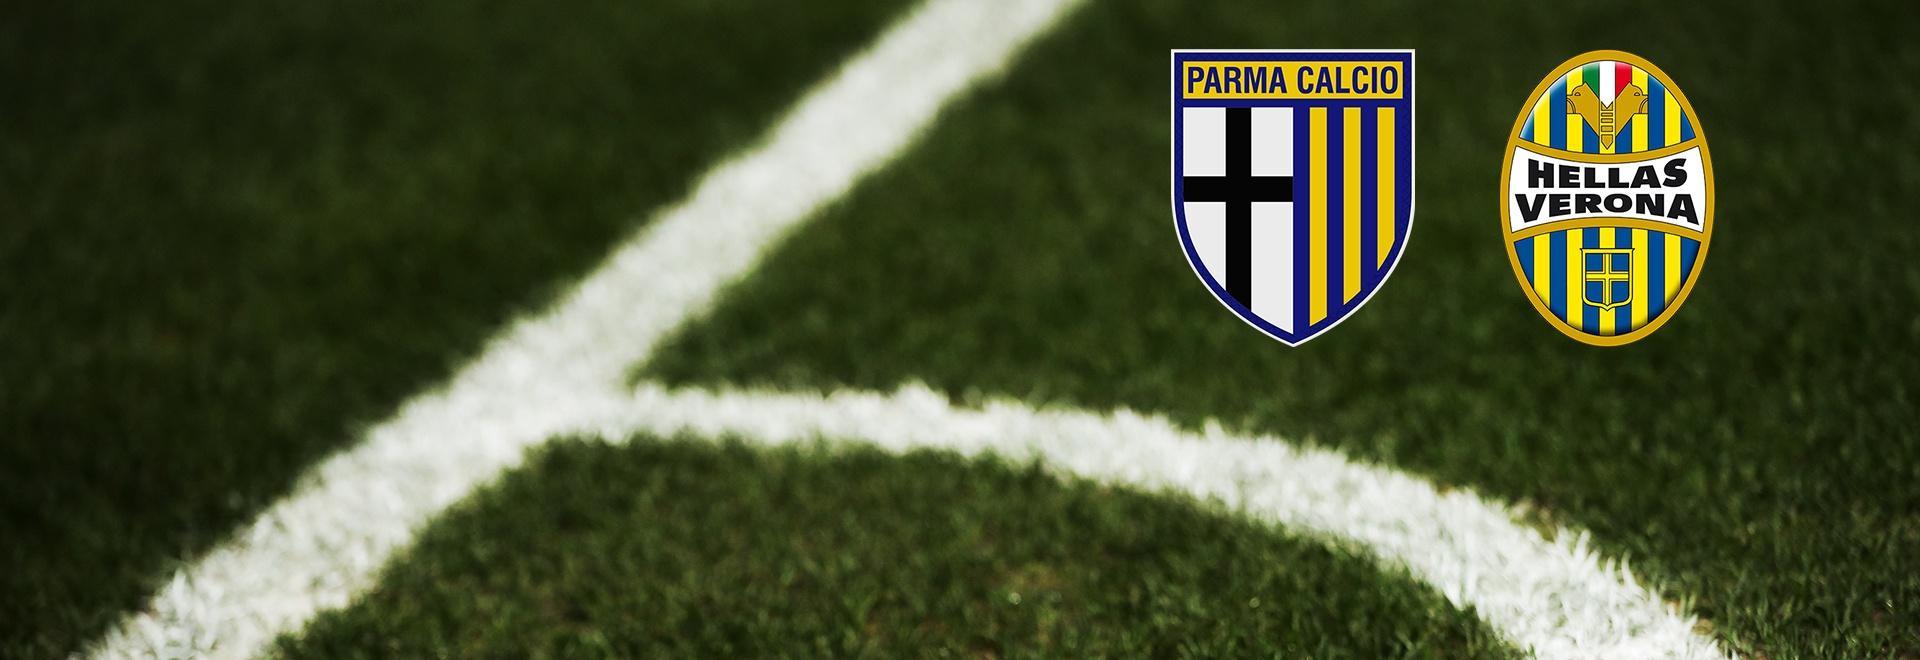 Parma - Verona. 10a g.